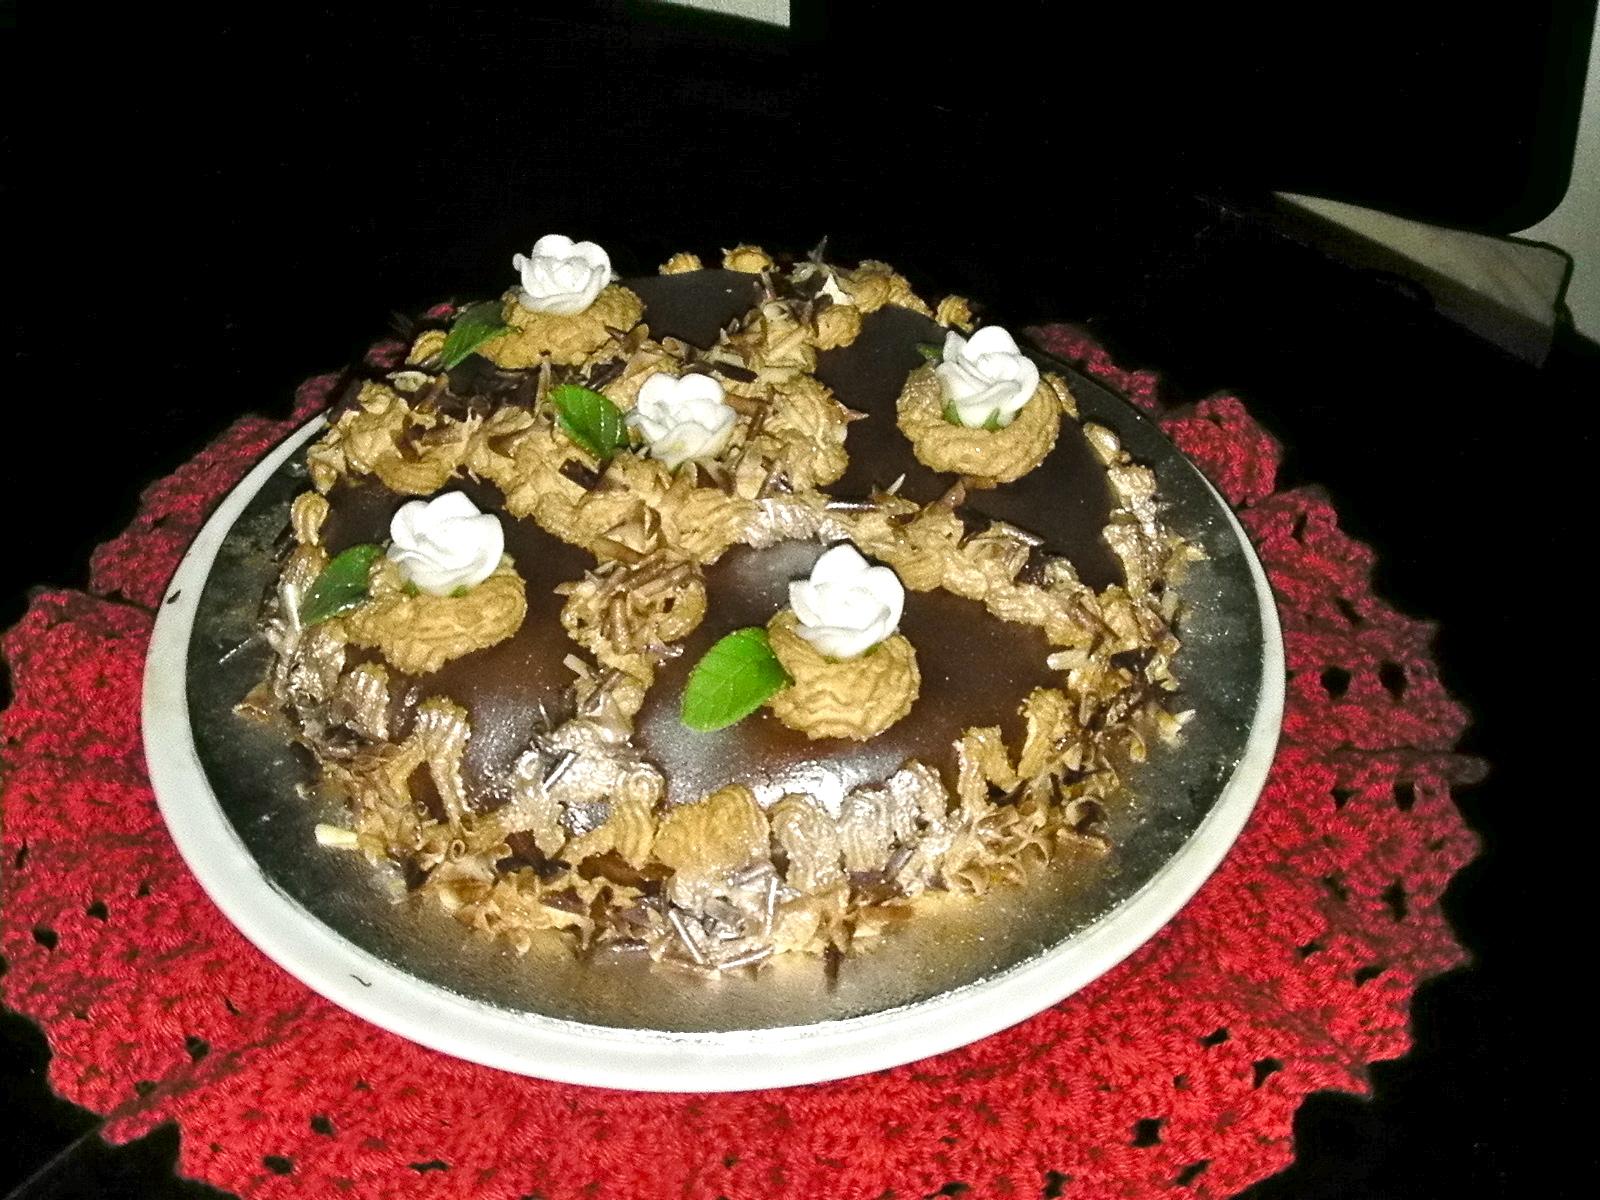 La cucina di loredana spezie profumate torta al caffe 39 - Loredana in cucina ...